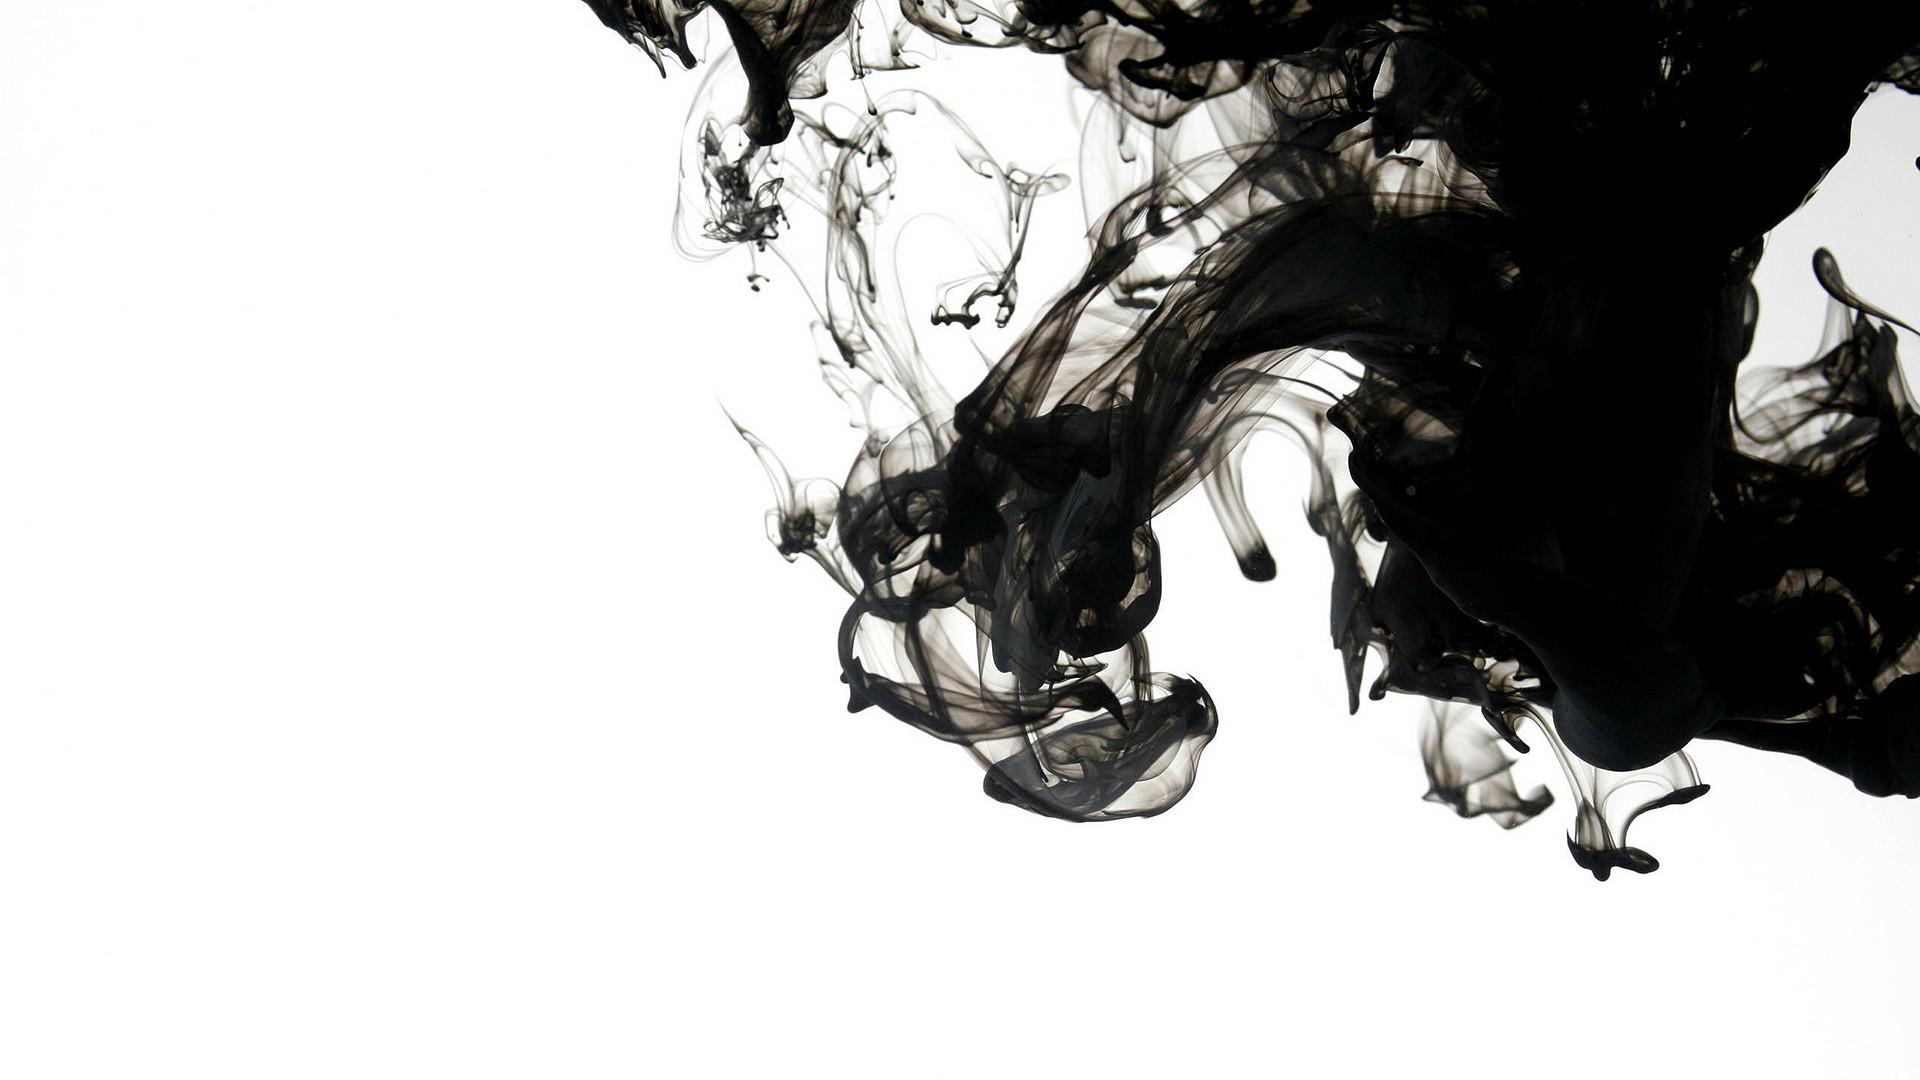 black smoke wallpaper (69+ images)